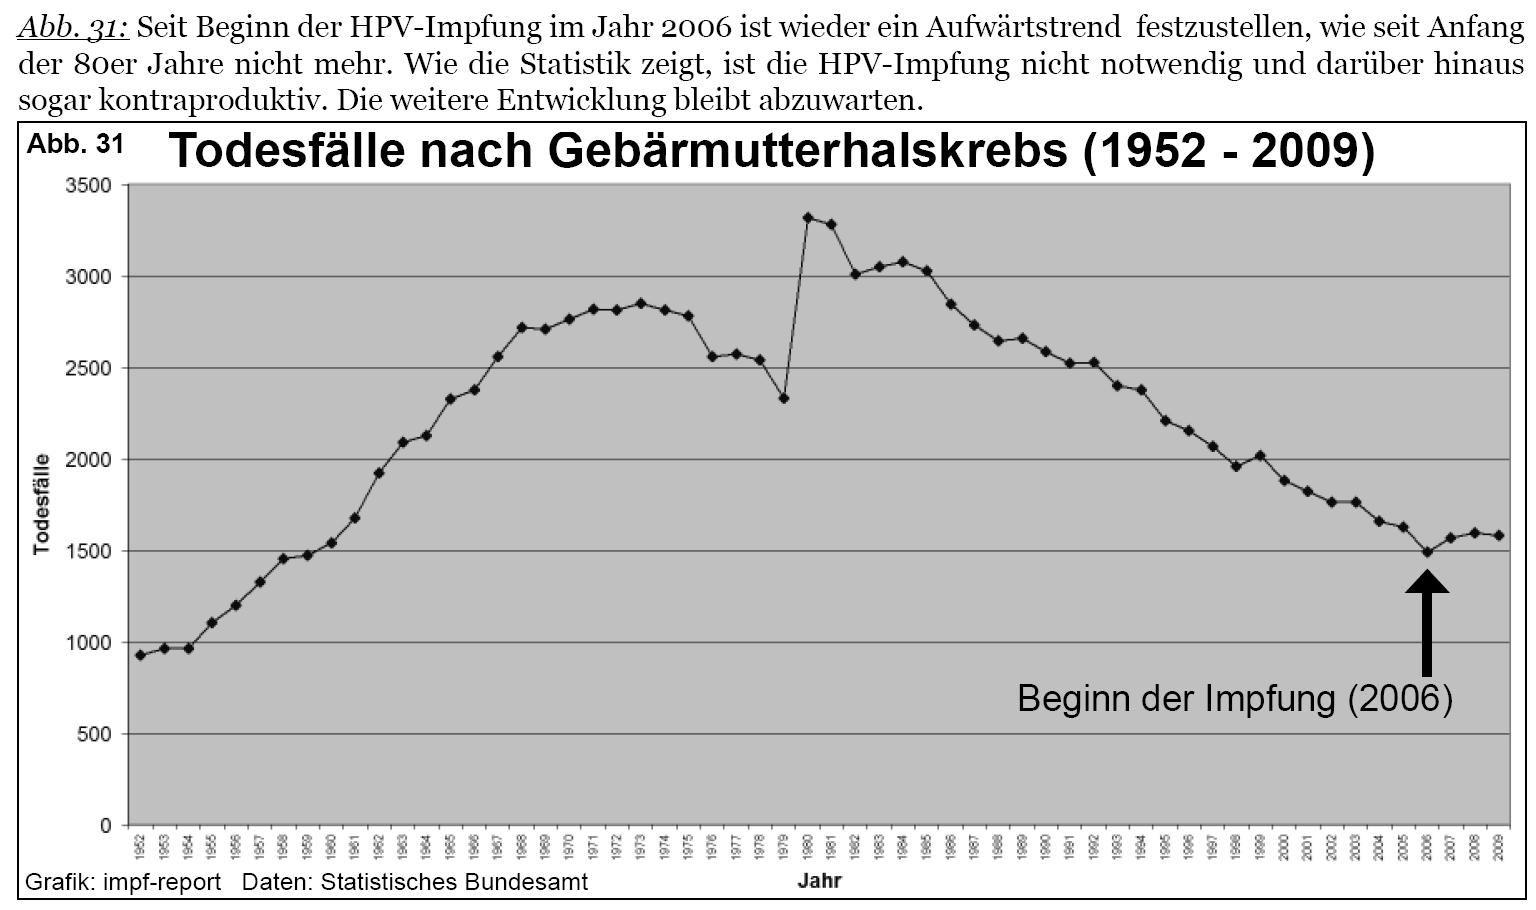 Gardasil impfung risiken - Hpv impfung gebarmutterhalskrebs, Papillomavirus impfung risiken